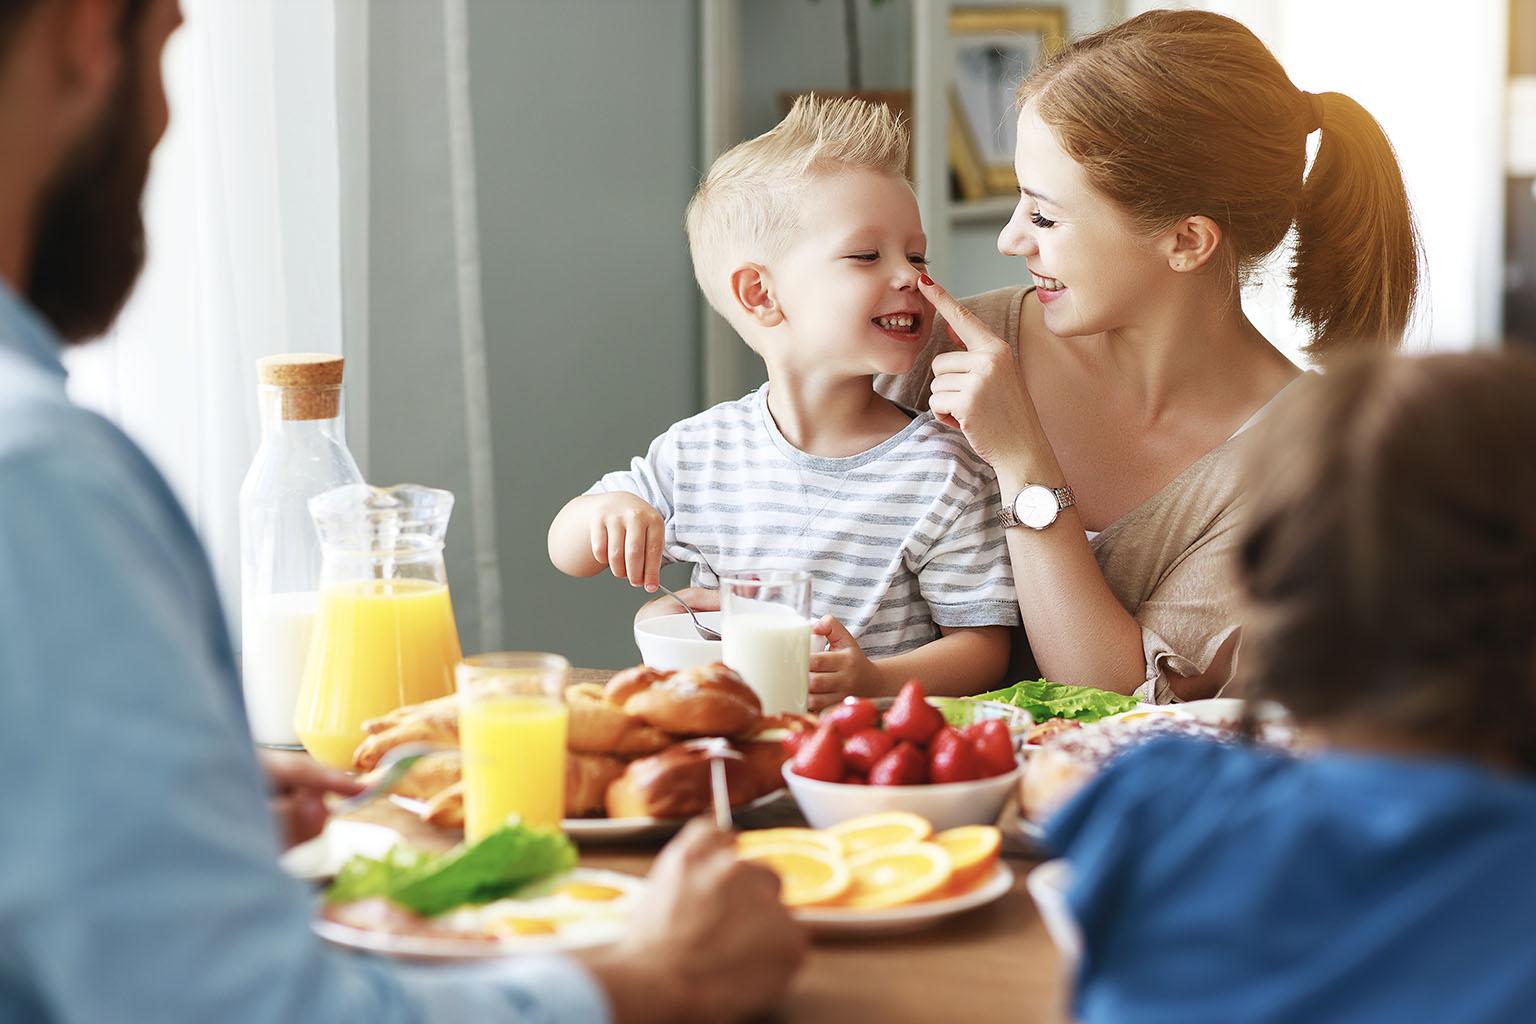 Sprawdź 7 pomysłów na śniadanie dla niejadka.